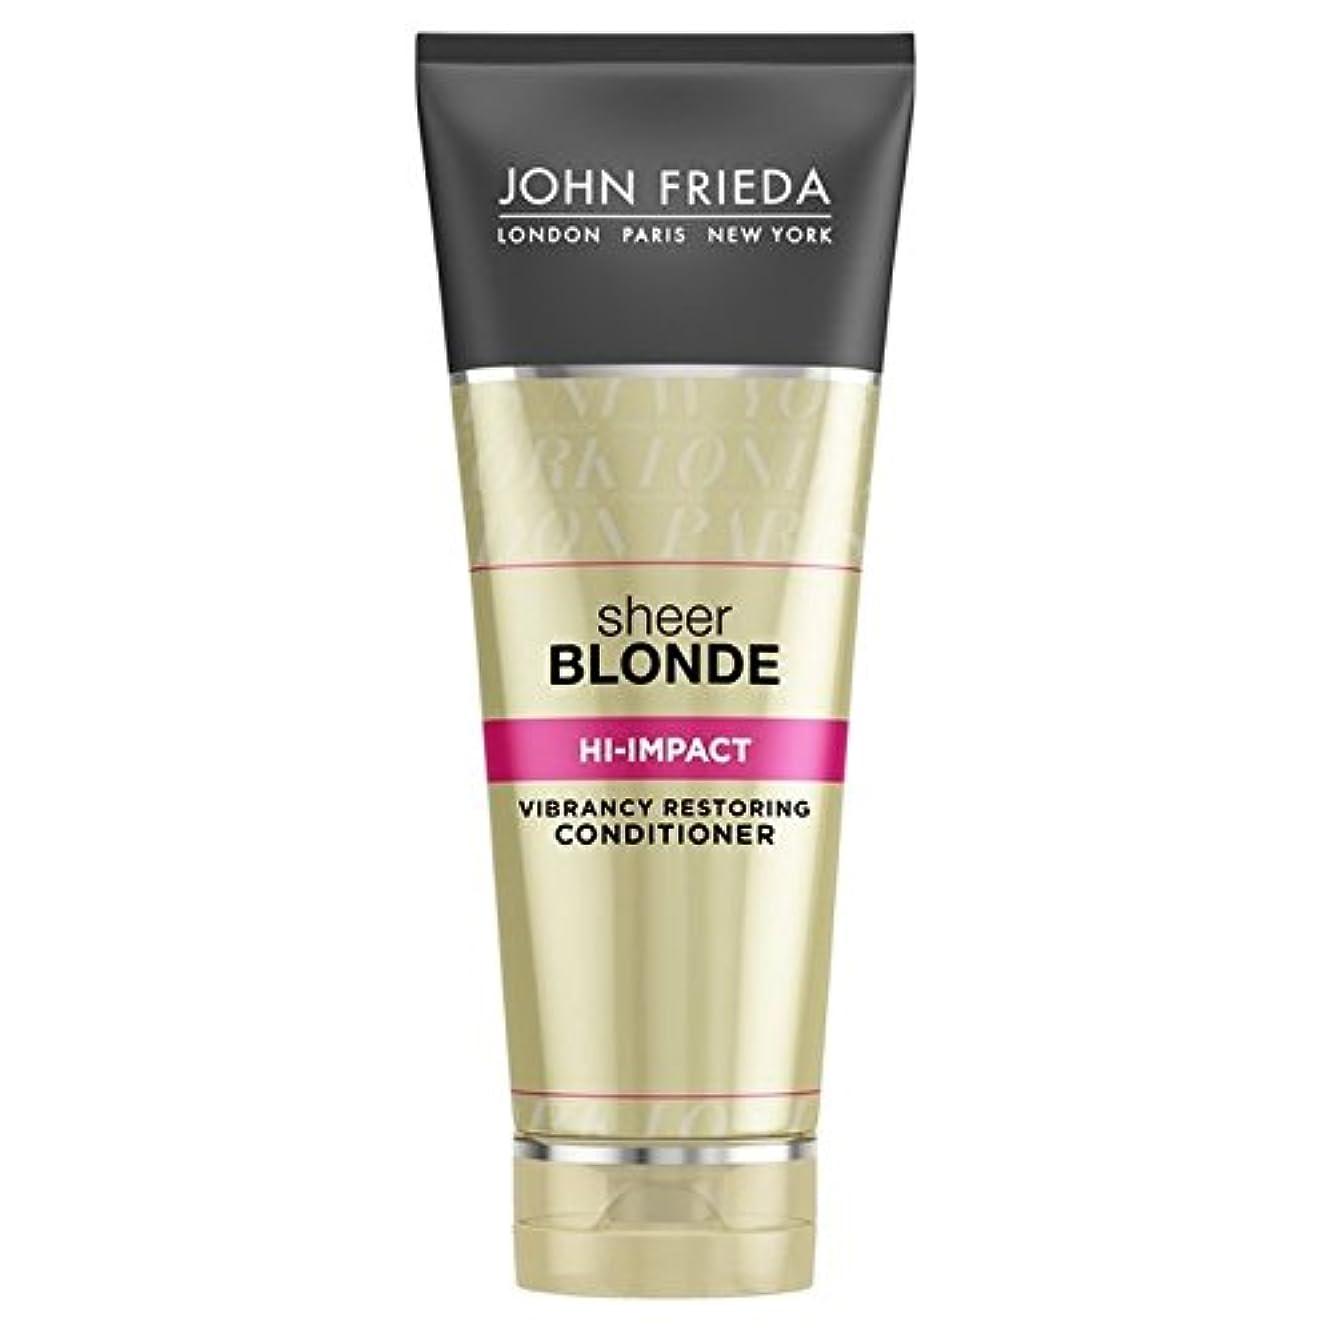 わかりやすい太字マイクロフォンJohn Frieda Sheer Blonde Hi Impact Conditioner 250ml - ジョン?フリーダ膨大なブロンドハイインパクトコンディショナー250 [並行輸入品]